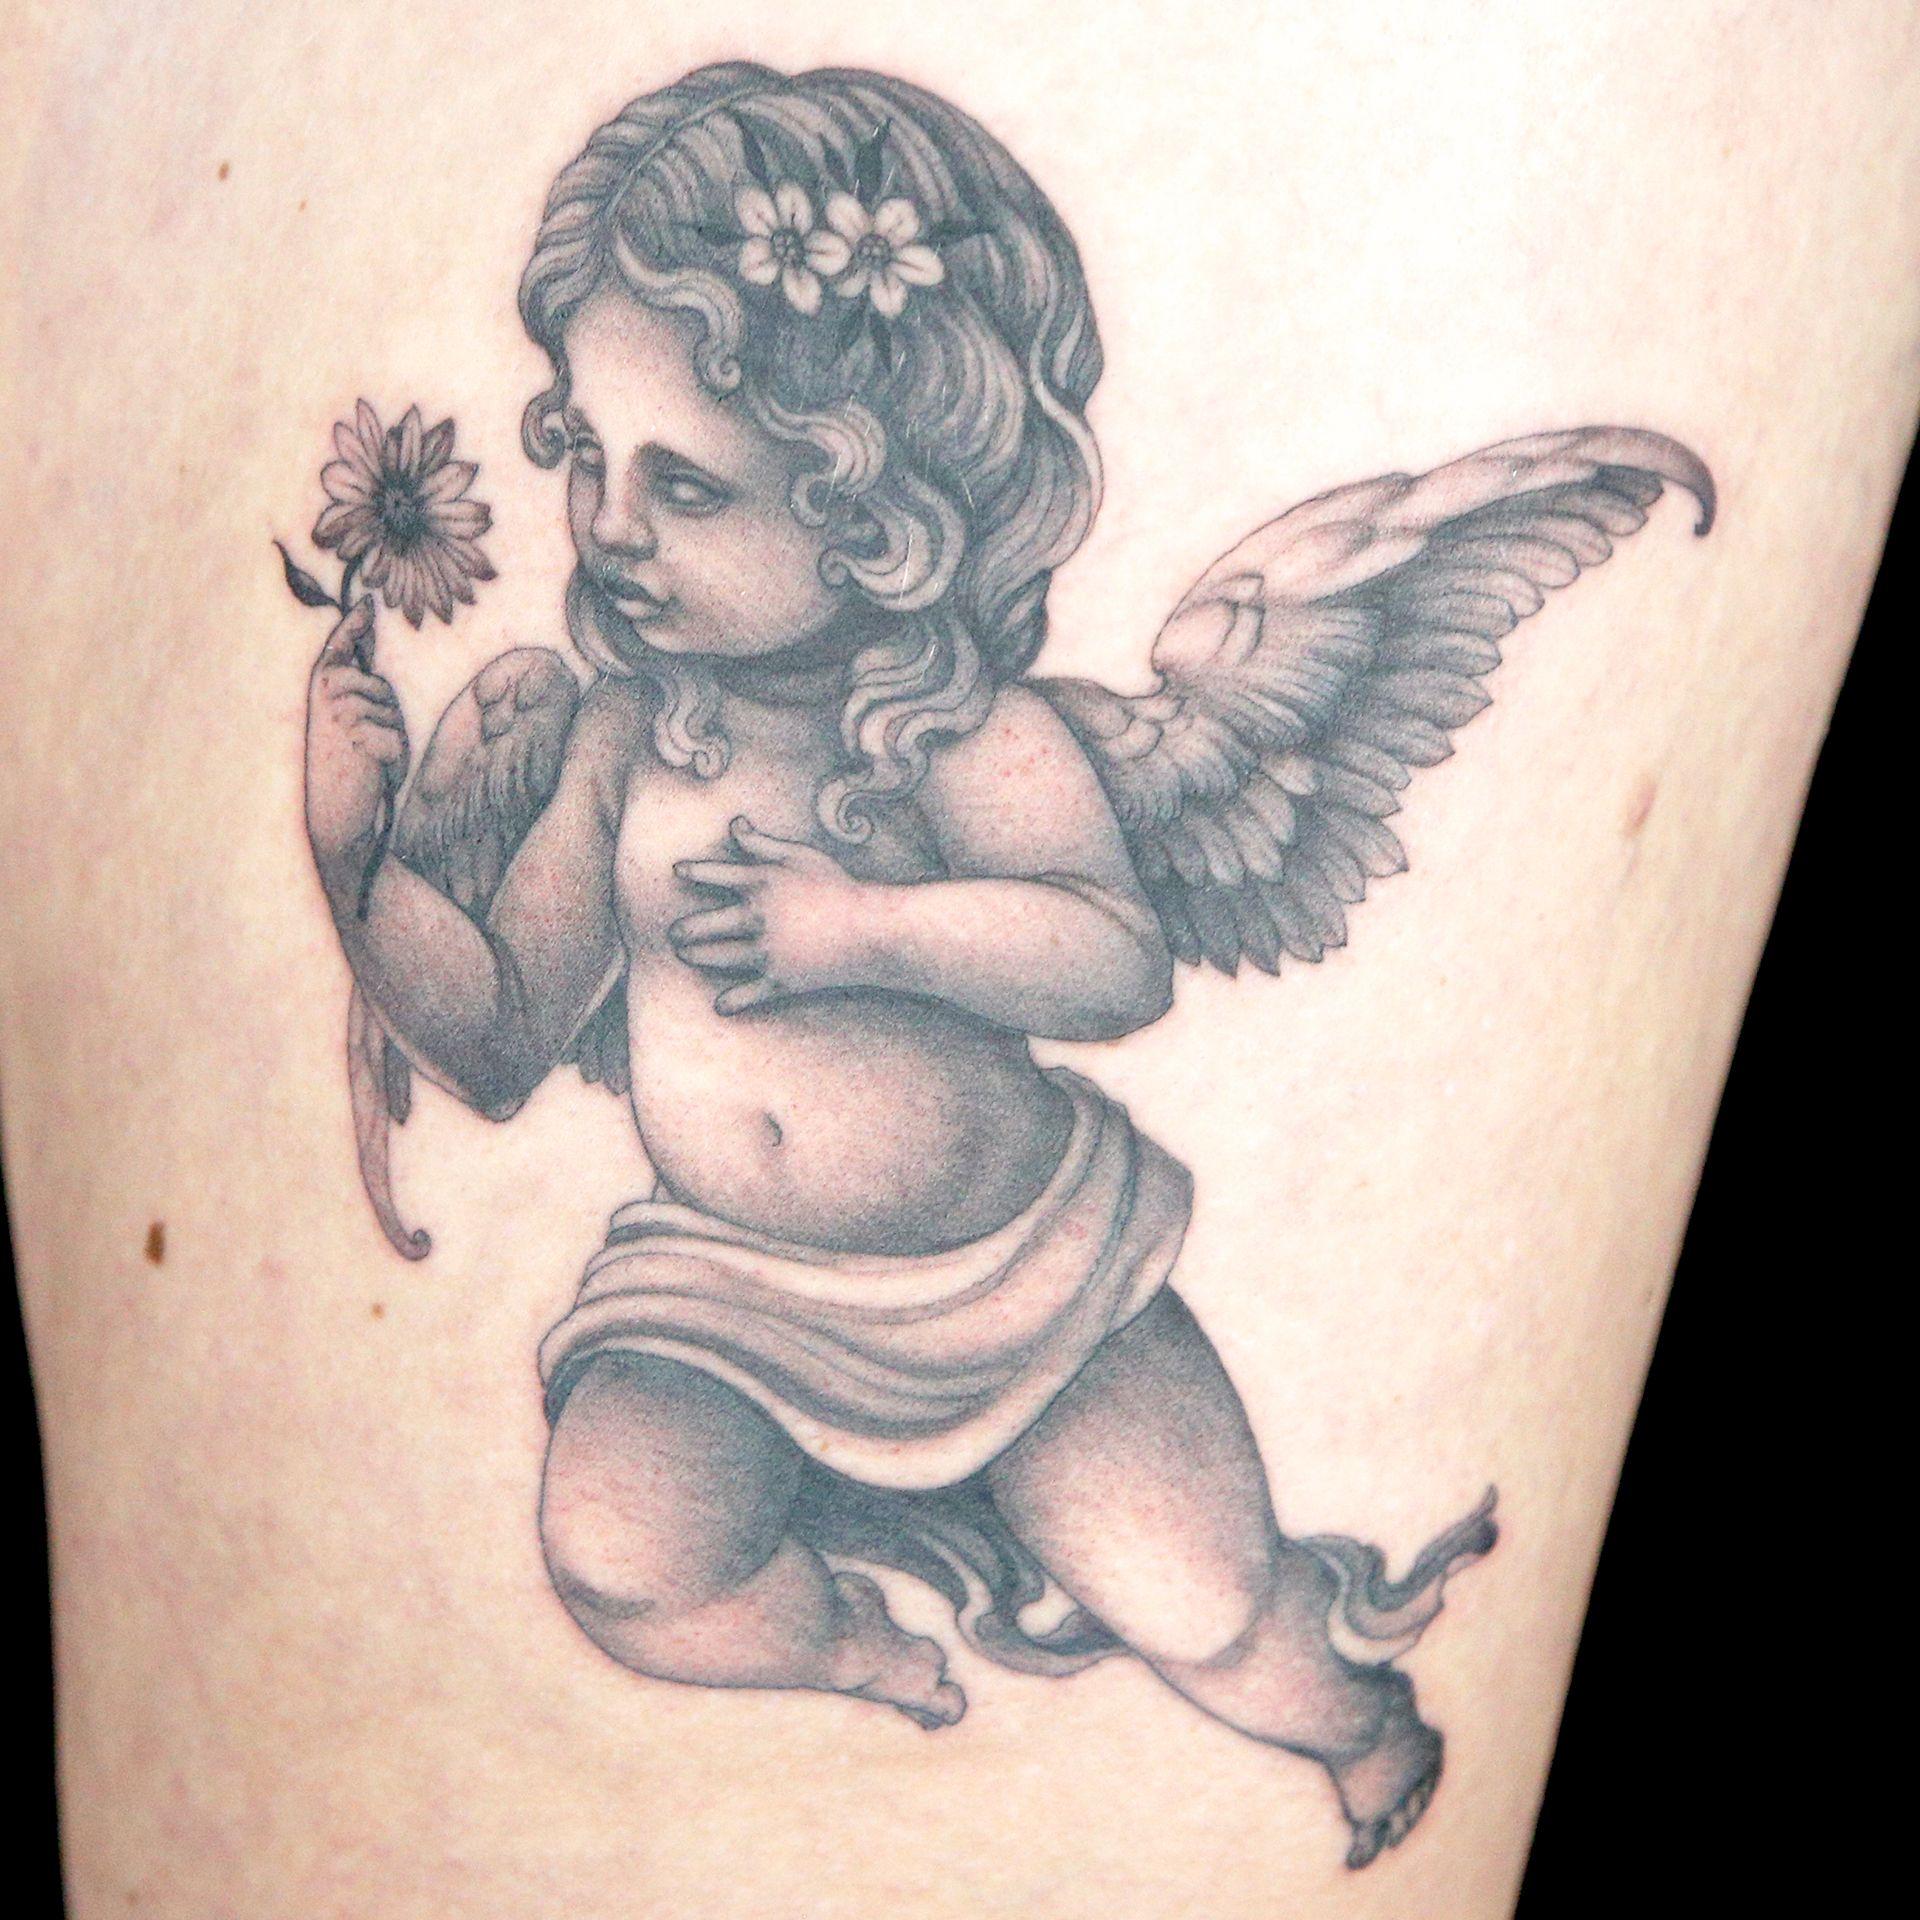 Elimination Tattoo: Black & Grey Cherubs - Ink Master